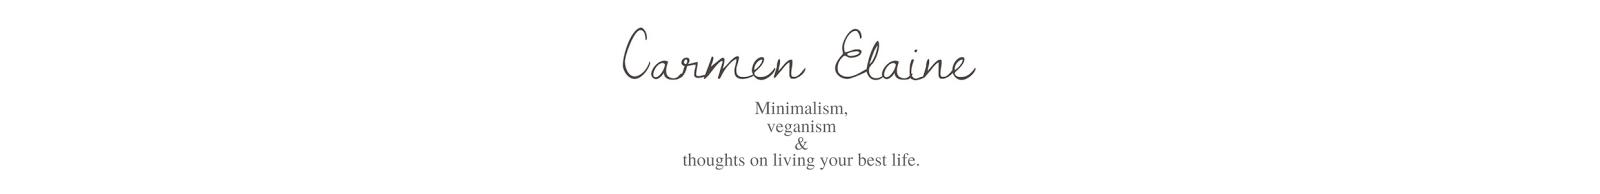 Carmen Elaine